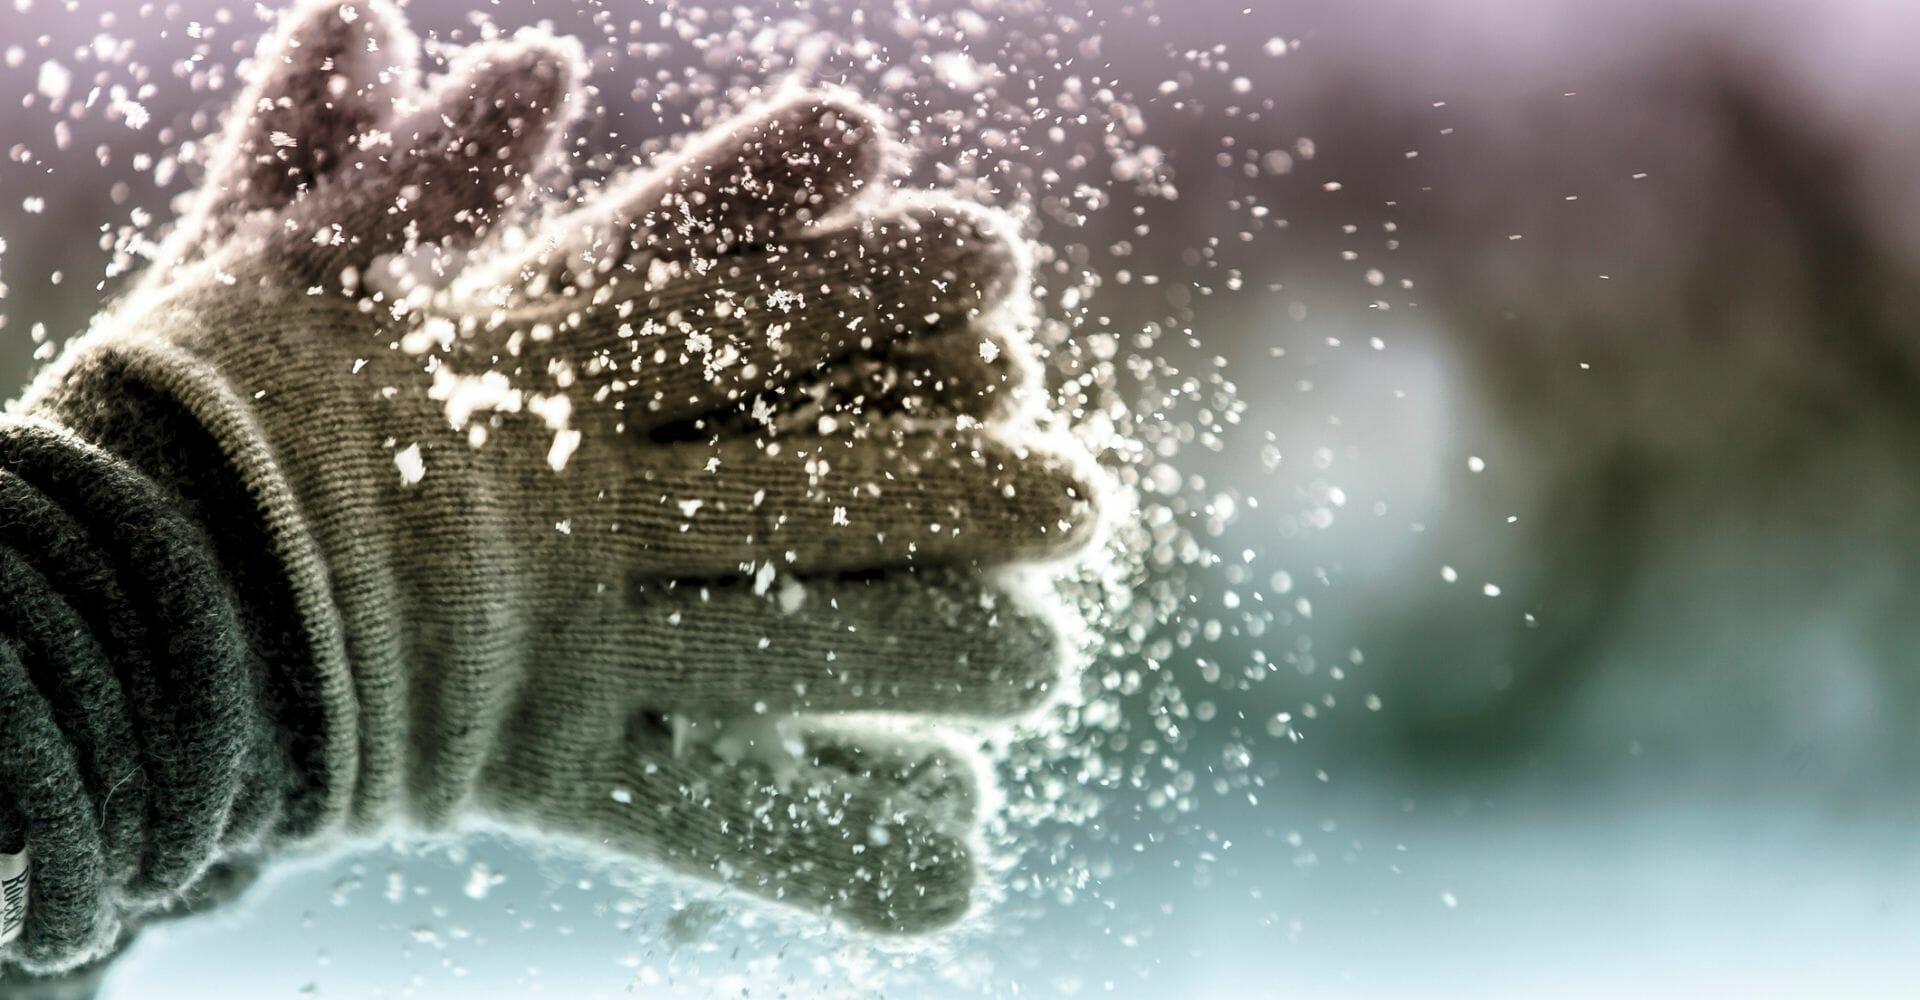 Guanti di ispirazione letteraria: un regalo per lettori freddolosi